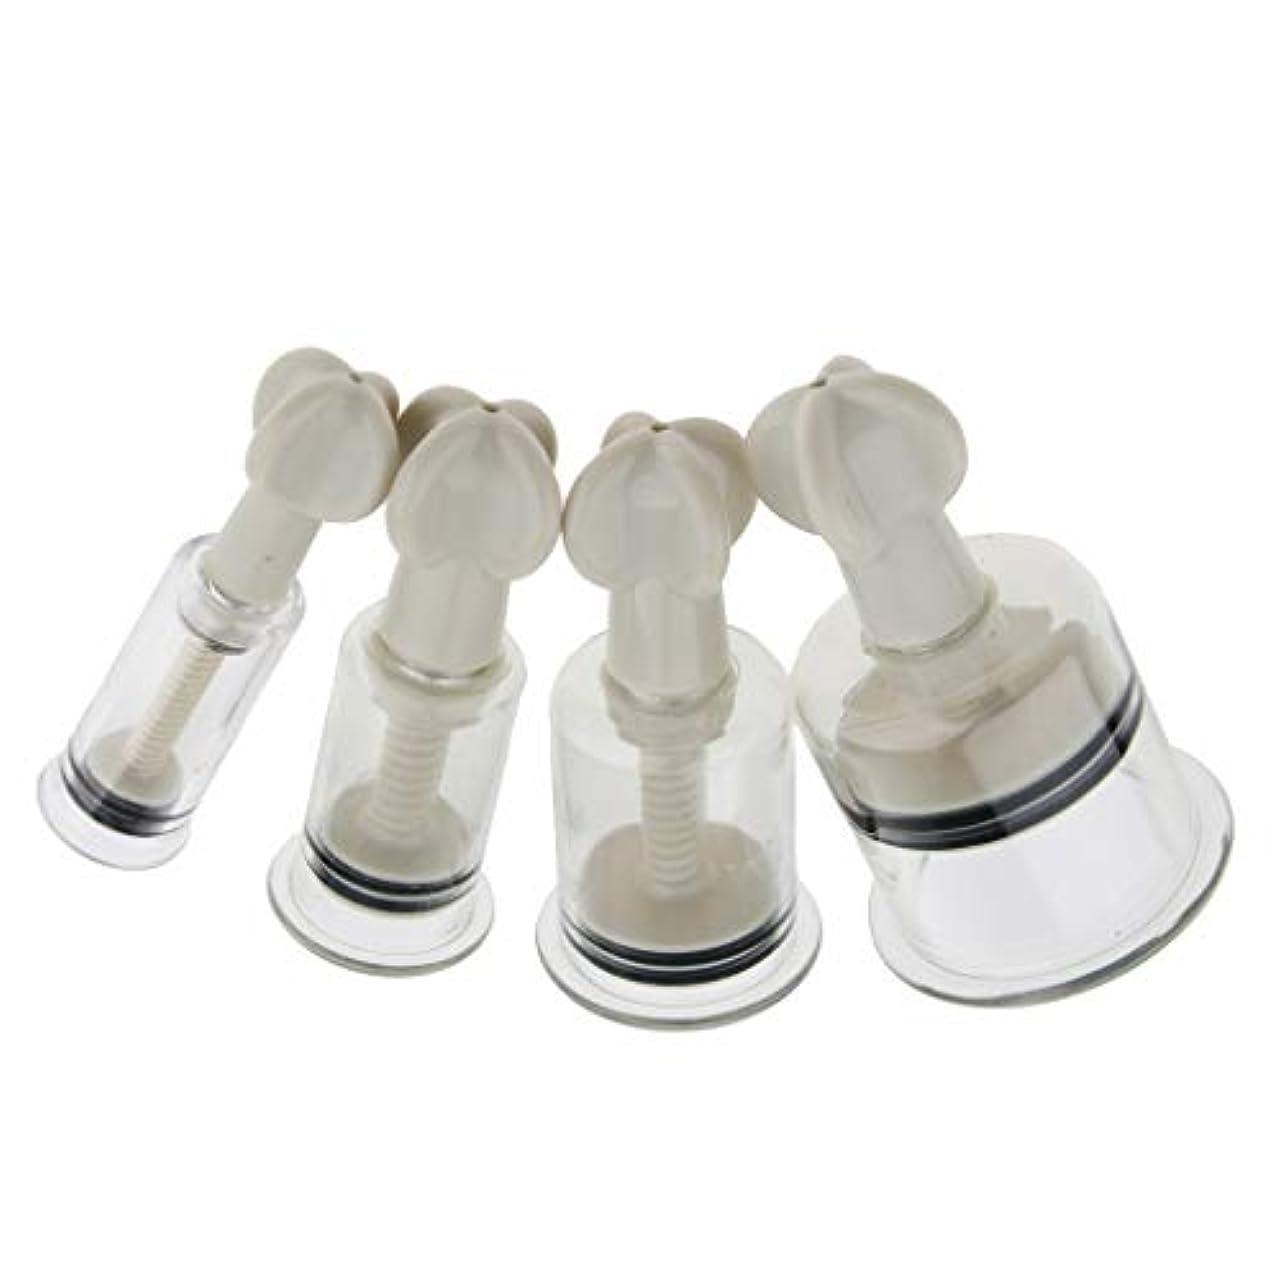 お肉愛する年真空カッピングセット マッサージカップ 吸い玉 筋肉痛救済 男女兼用 4個 プラスチック製 高品質